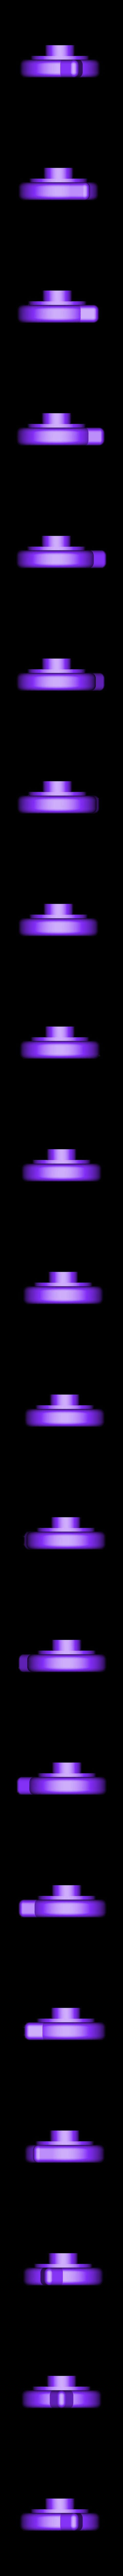 button v2.STL Télécharger fichier STL gratuit Générateur de nombres aléatoires à spinner à main • Plan pour imprimante 3D, Vladimir310873